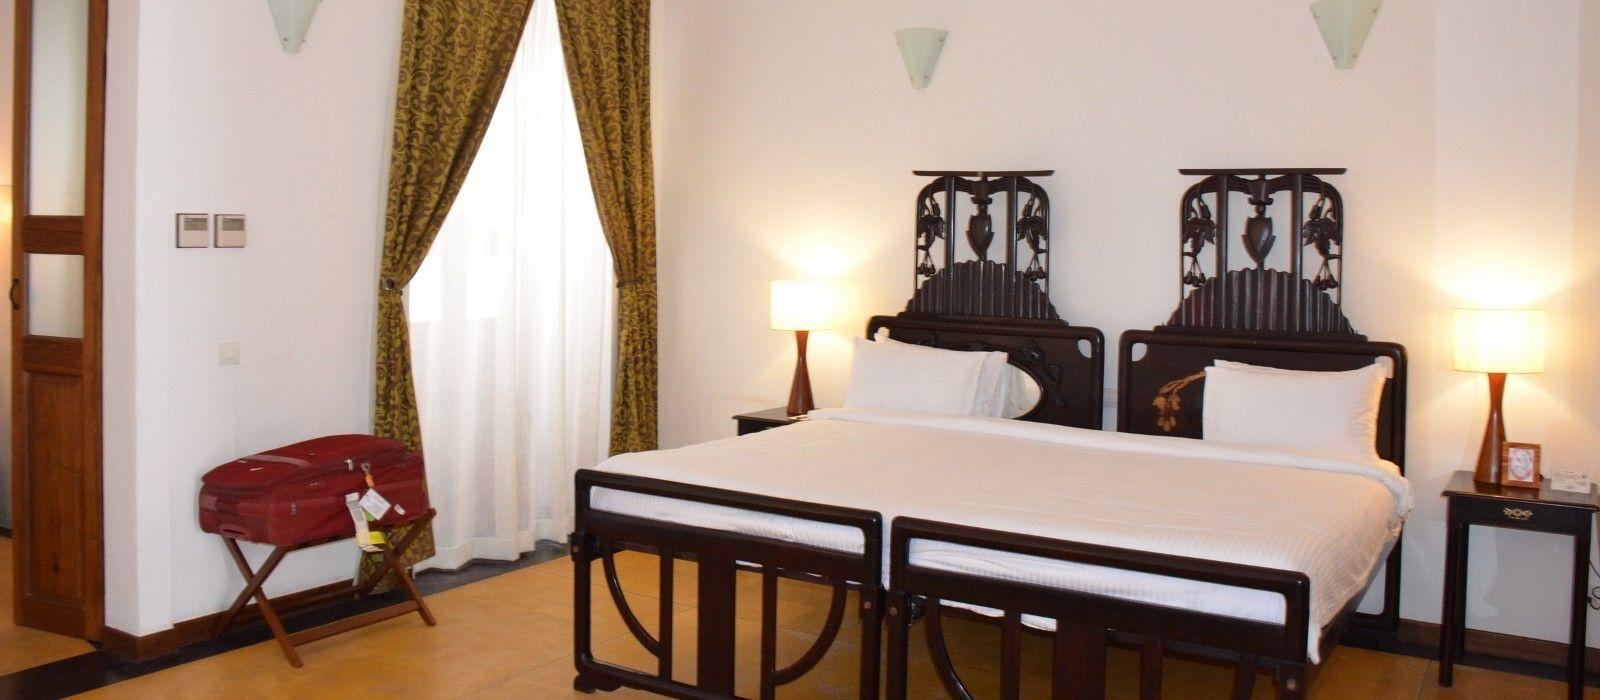 Hotel Palais De Mahe South India